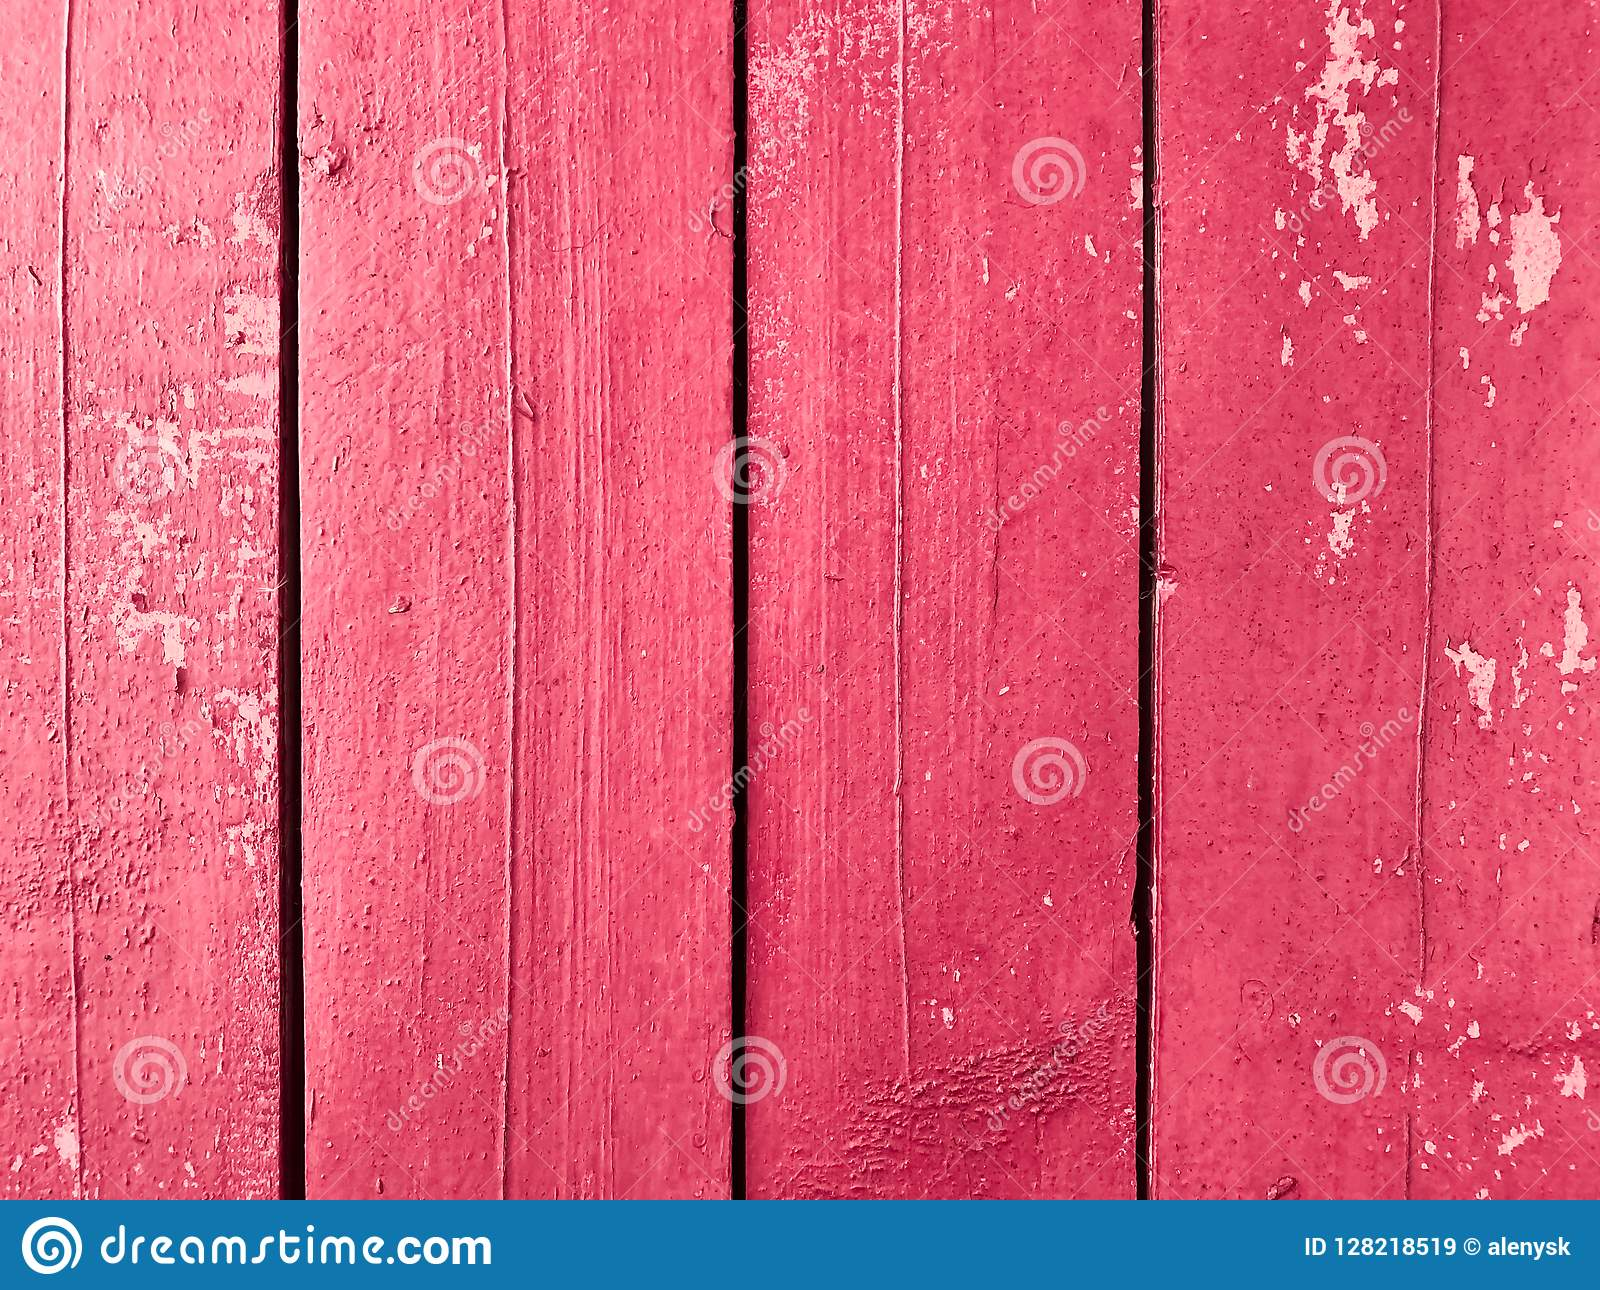 Fond Texture Des Vieux Panneaux En Bois Sales De Couleur Rose Image